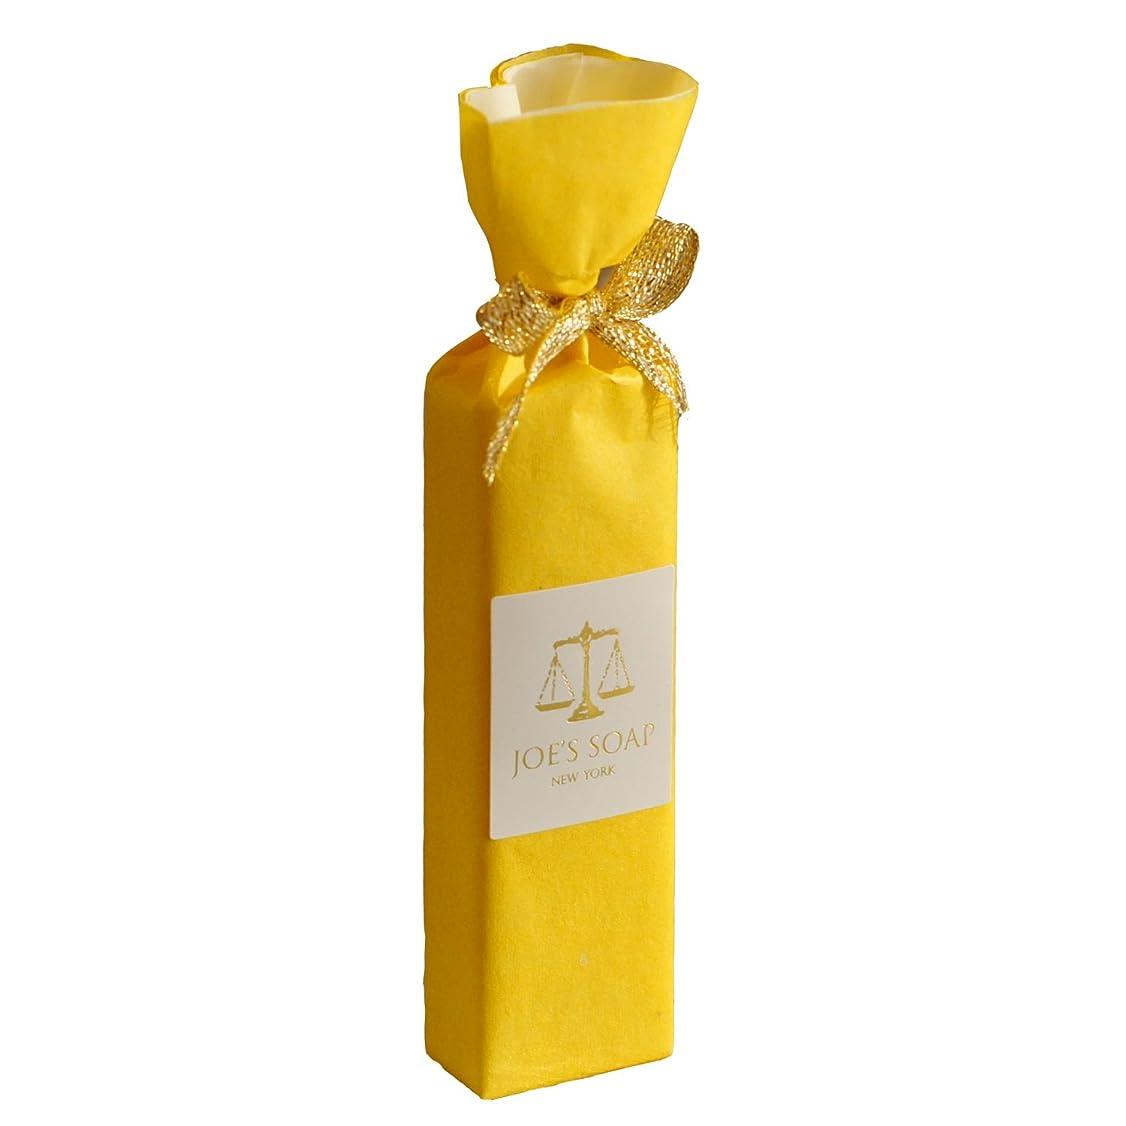 見捨てる時計糞JOE'S SOAP ジョーズソープ オリーブソープ NO.6 CHAMOMILE カモミール 20g トライアル お試し無添加 オーガニック 石鹸 洗顔 保湿